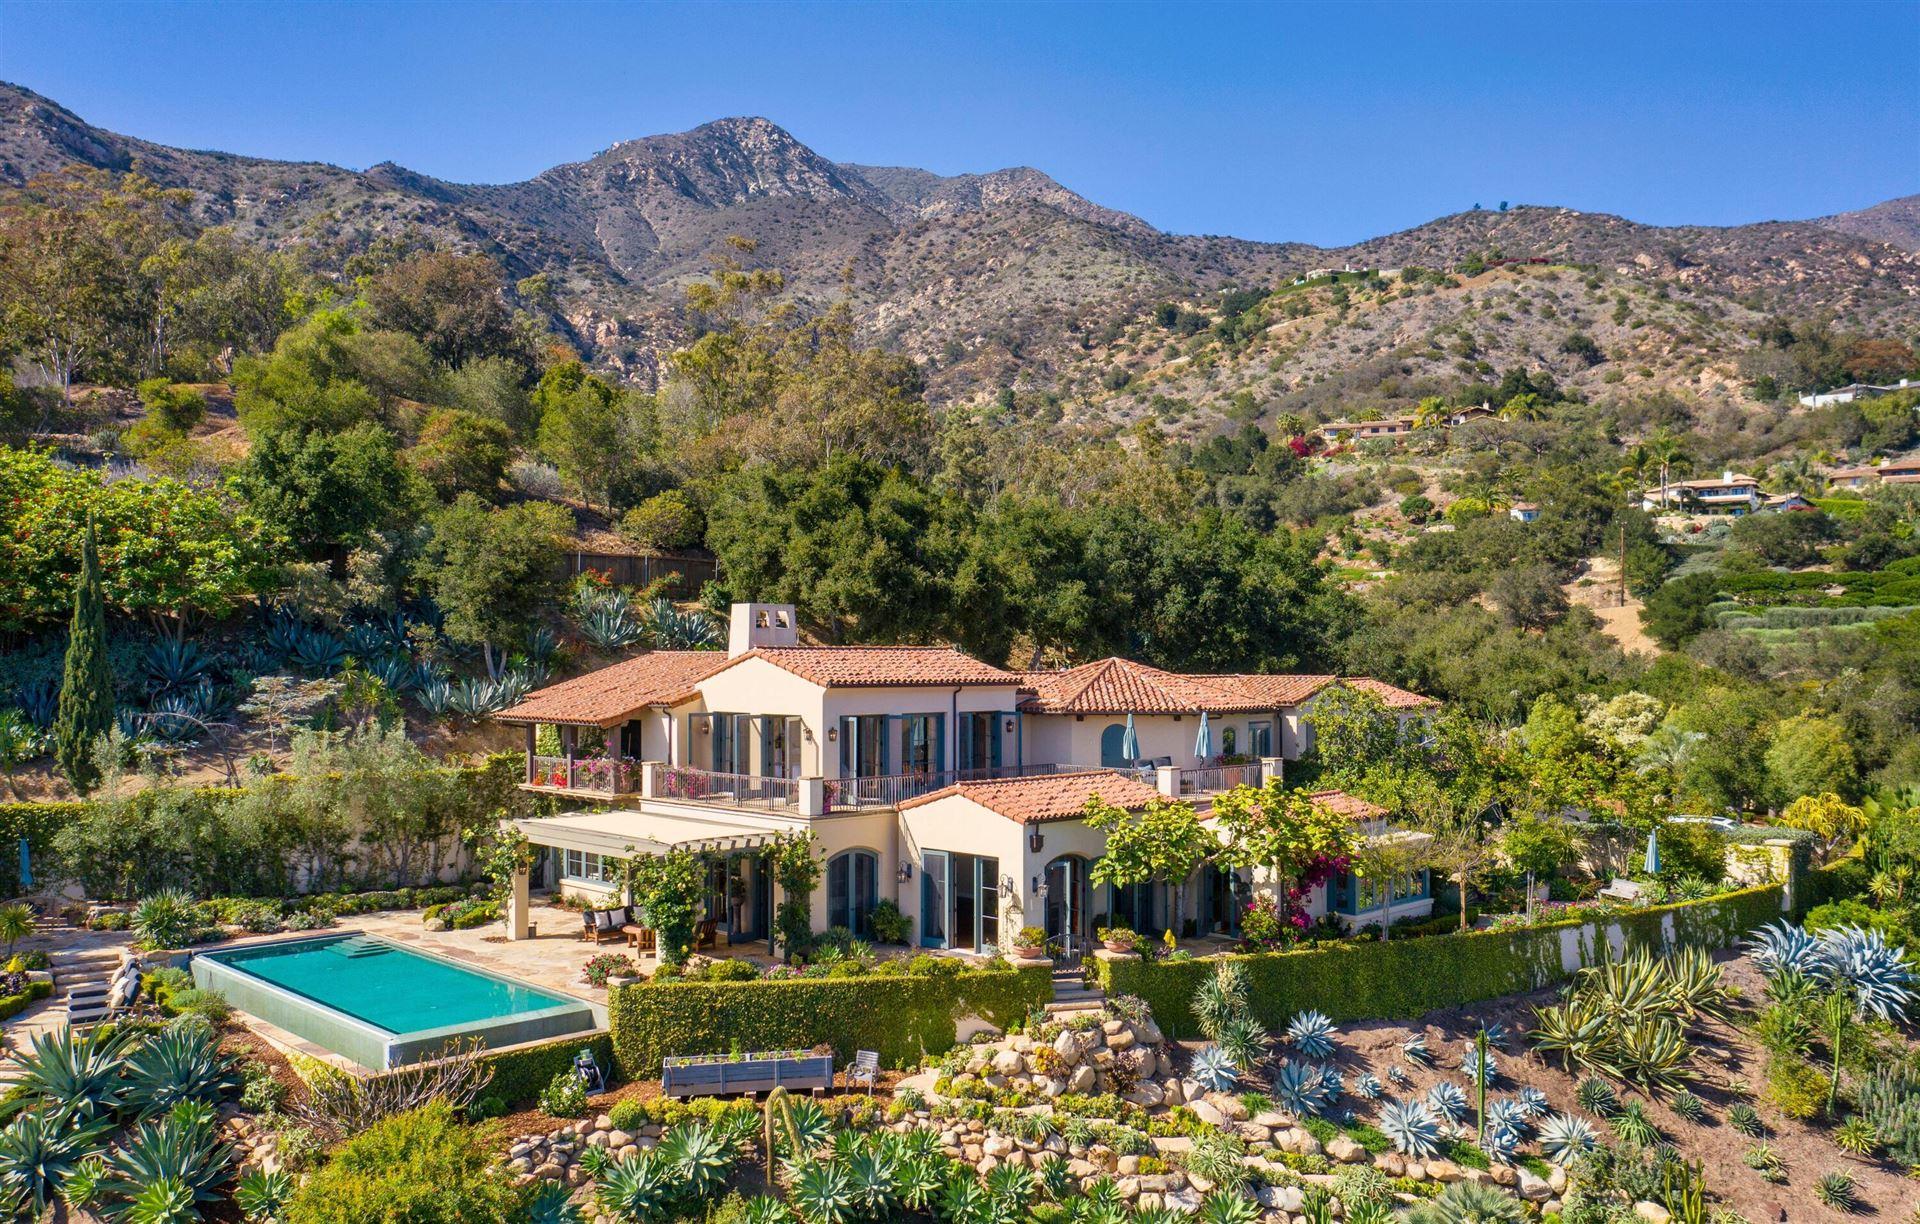 2285 Bella Vista Dr., Montecito, CA 93108 - MLS#: 21-1842